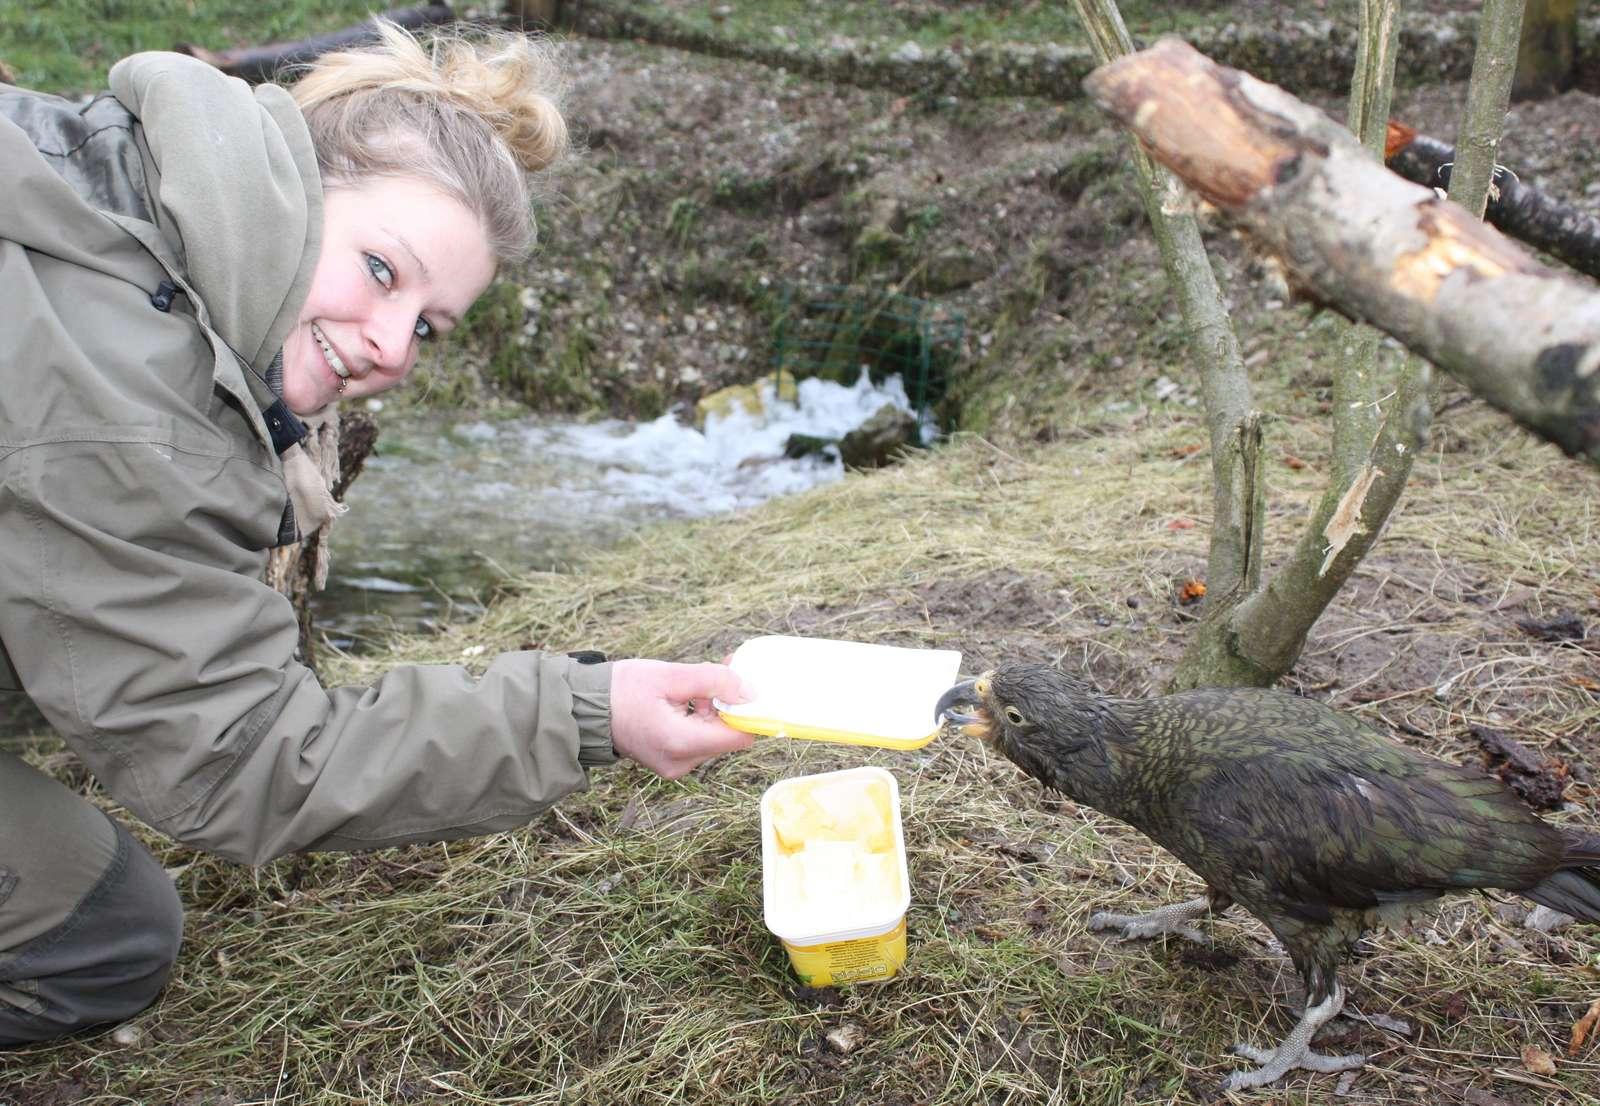 Wir starten in die Saison 2015! - Bert kämpft mit Tierpflegerin Kristine Böhm um einen Margarinedeckel- für Keas ist Fett äußerst wichtig. - Ab dem 14. März öffnet der Vogelpark Heiligenkirchen wieder seine Tore für die Saison 2015